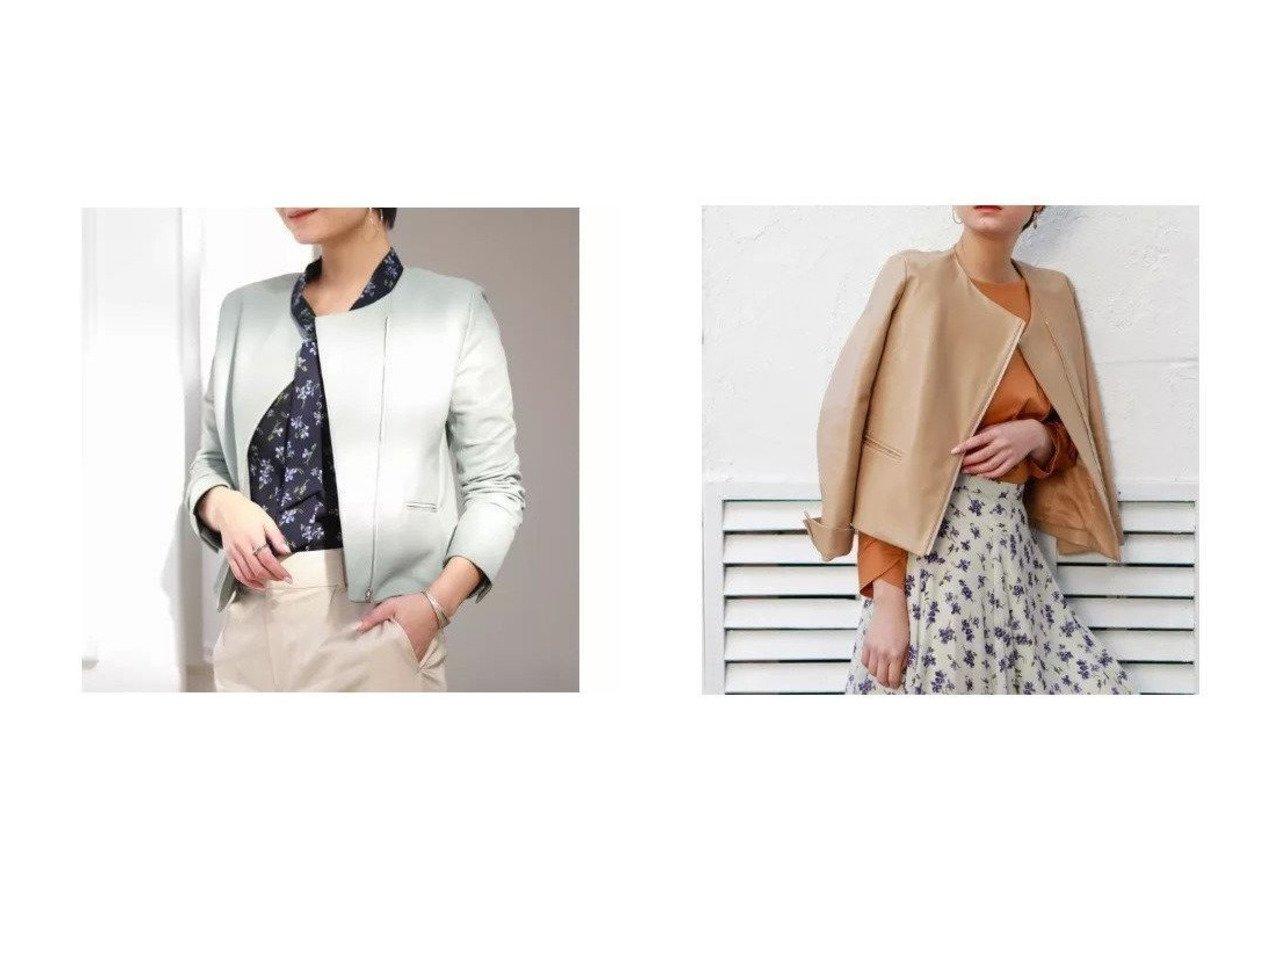 【TRUE NAVY/トゥルー ネイビー】のラムレザー ノーカラージャケット アウターのおすすめ!人気、トレンド・レディースファッションの通販 おすすめで人気の流行・トレンド、ファッションの通販商品 メンズファッション・キッズファッション・インテリア・家具・レディースファッション・服の通販 founy(ファニー) https://founy.com/ ファッション Fashion レディースファッション WOMEN アウター Coat Outerwear ジャケット Jackets ノーカラージャケット No Collar Leather Jackets 春 Spring コンパクト シンプル ジャケット フィット S/S 春夏 SS Spring/Summer おすすめ Recommend  ID:crp329100000022708